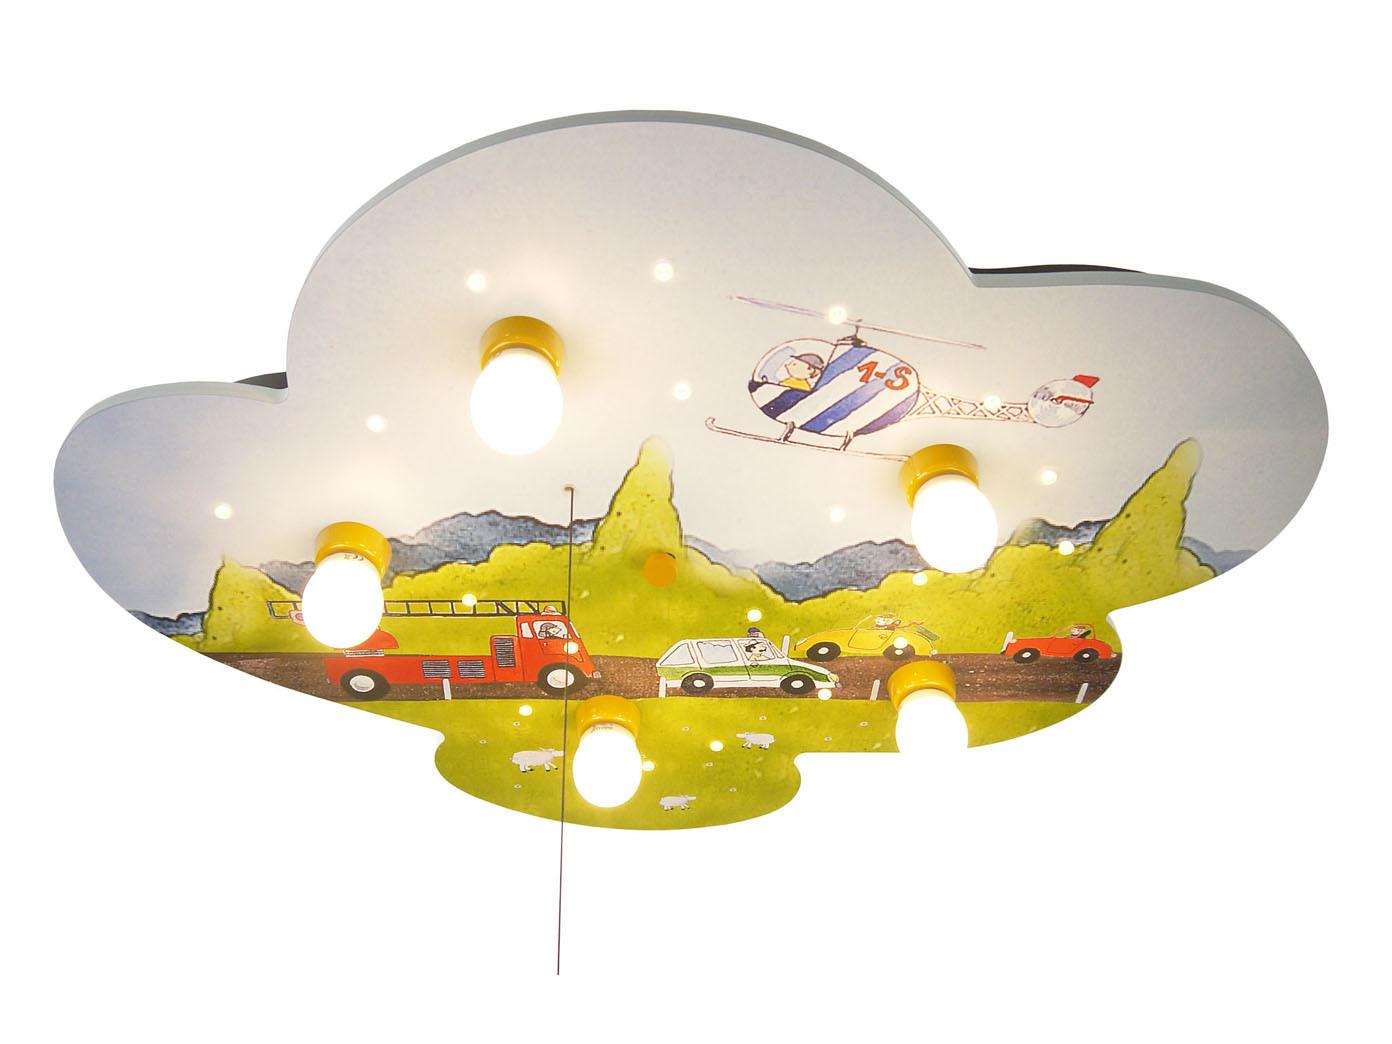 Deckenlampe kinderzimmer junge autos amazon echo kompatibel led schlummerlicht ebay - Deckenleuchte kinderzimmer junge ...